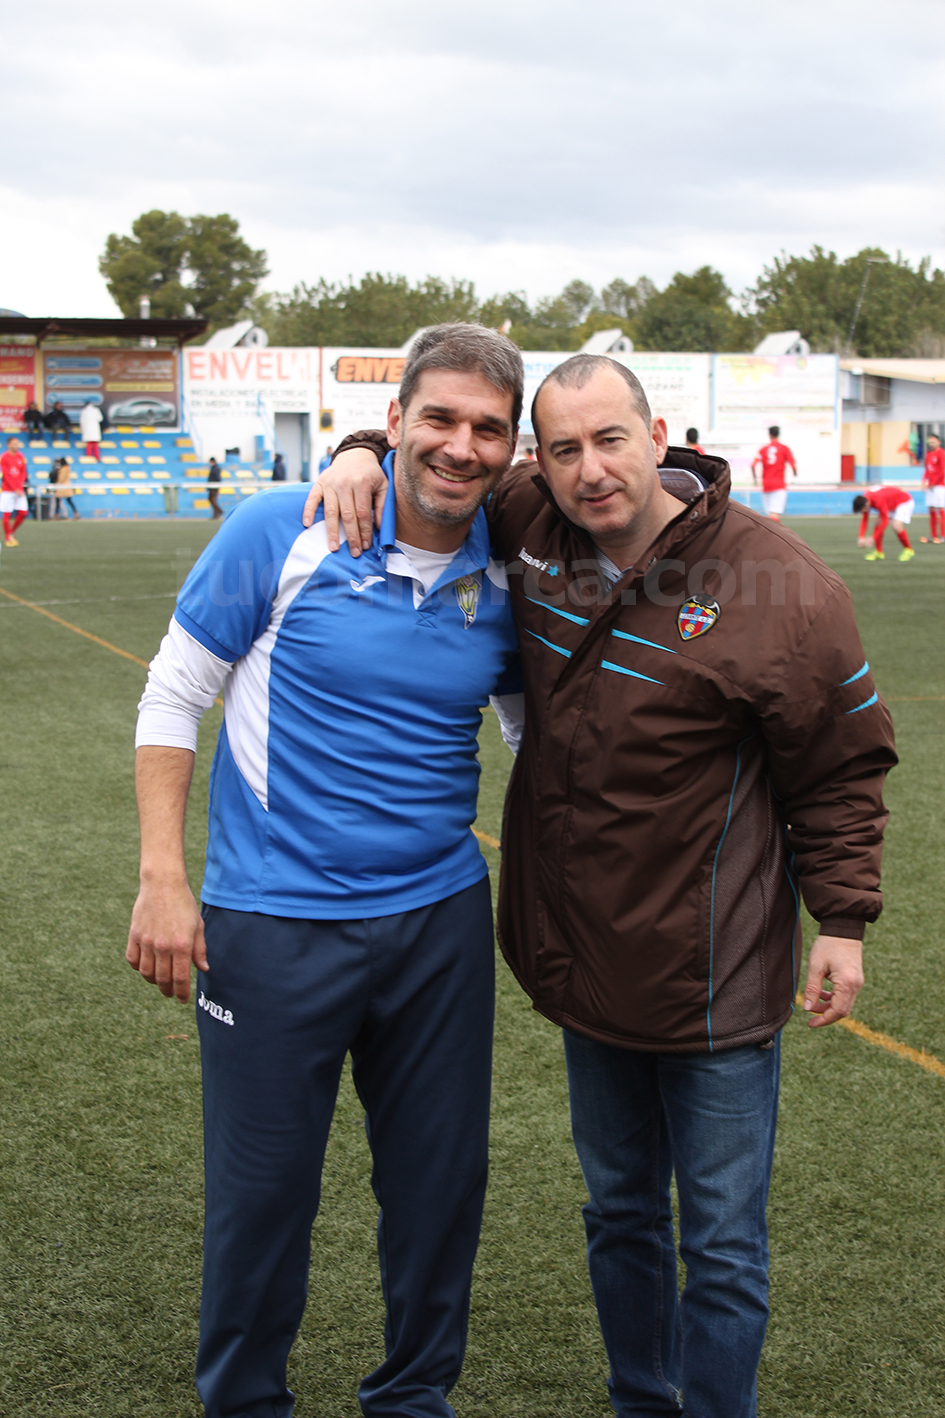 La cordialidad ha estado presente entre ambos equipos y entrenadores. Foto: Raúl Miralles.